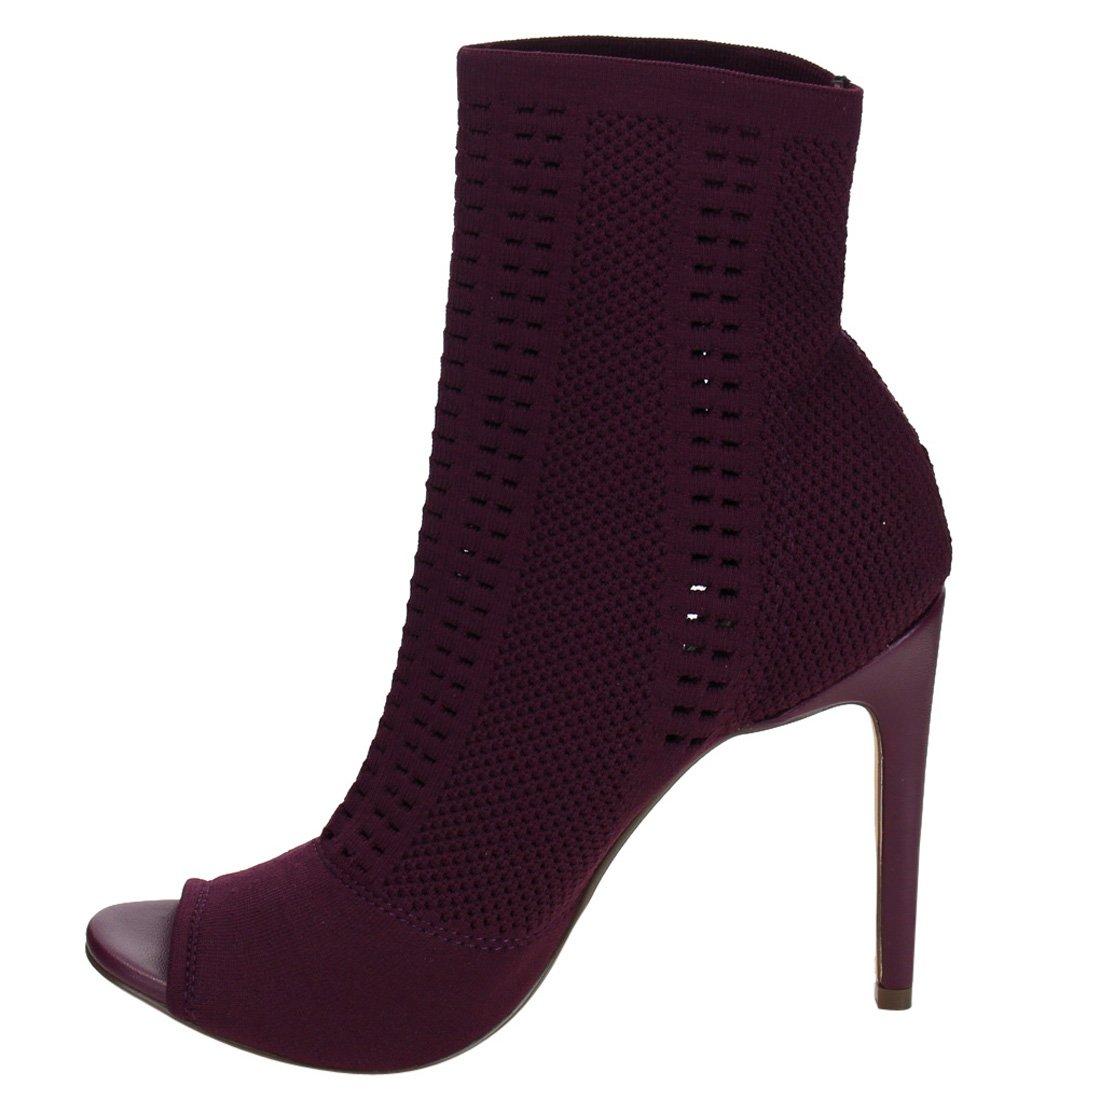 88522697d83d7 Amazon.com   BESTON DE43 Women's Knitted Peep Toe Stiletto Sock ...